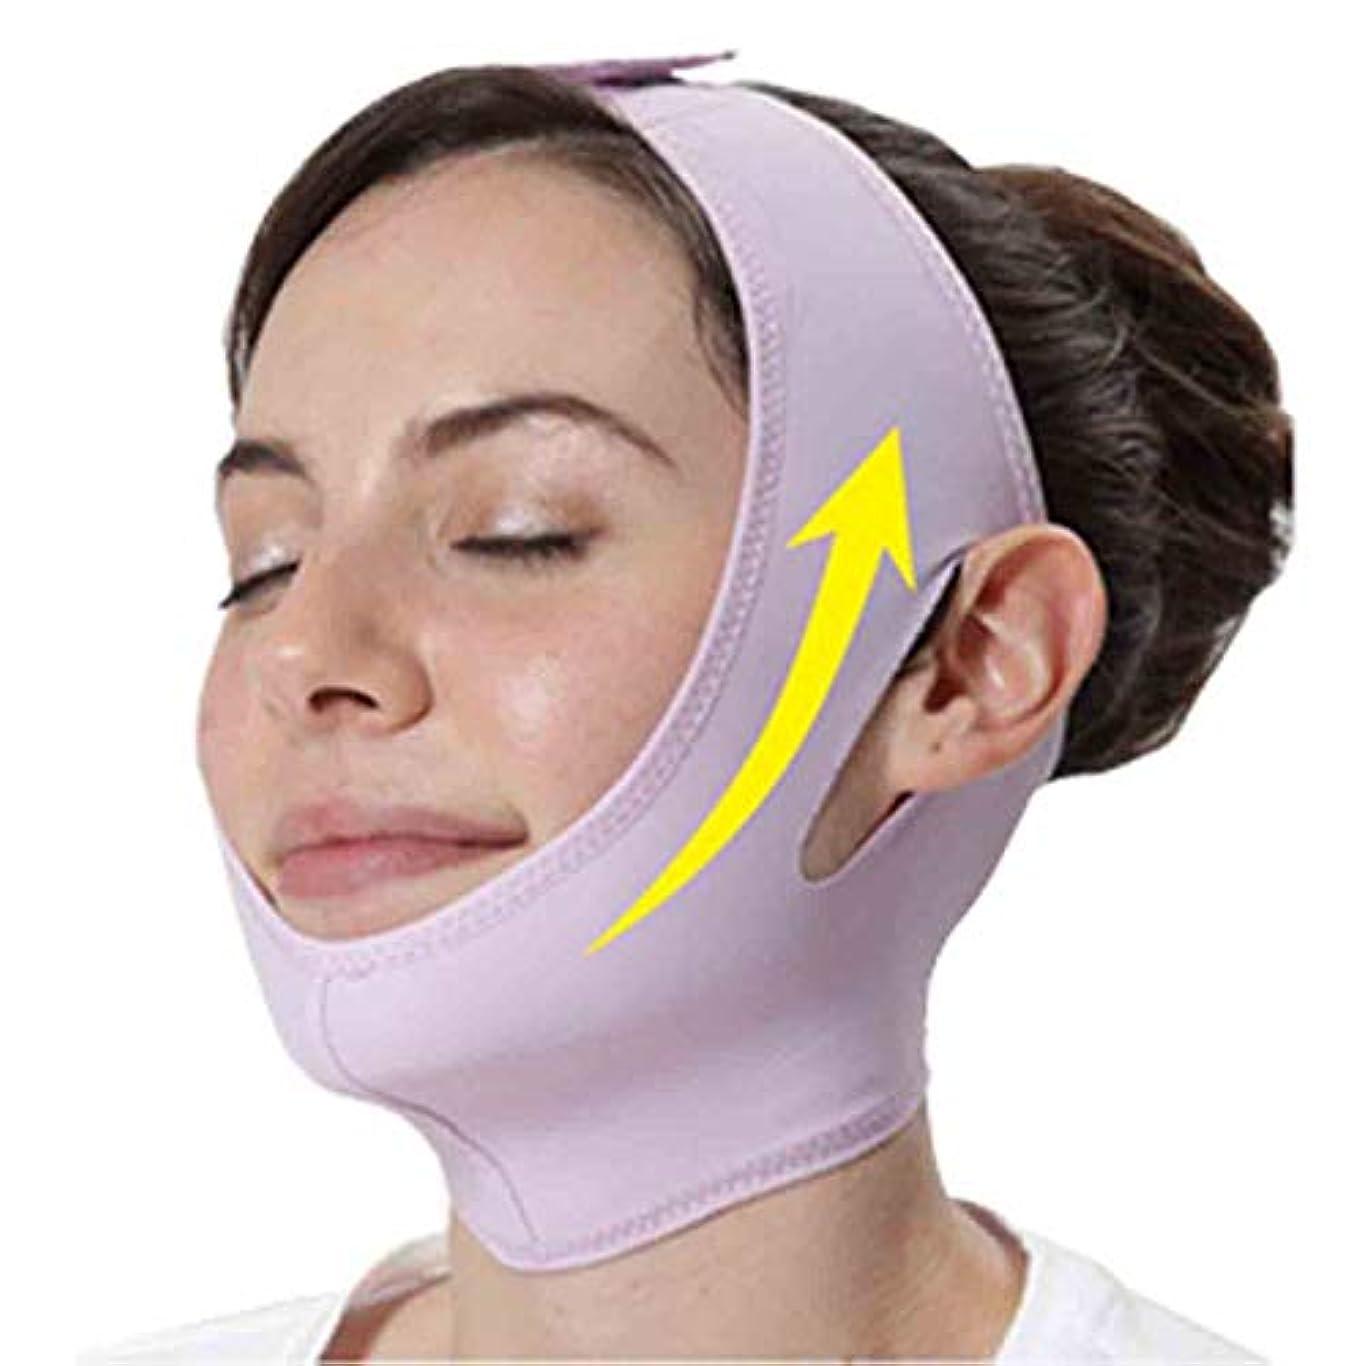 理想的には損傷手術Alleygem_GJ 小顔 矯正 マスク リフトアップ メンズ レディース FceMsk